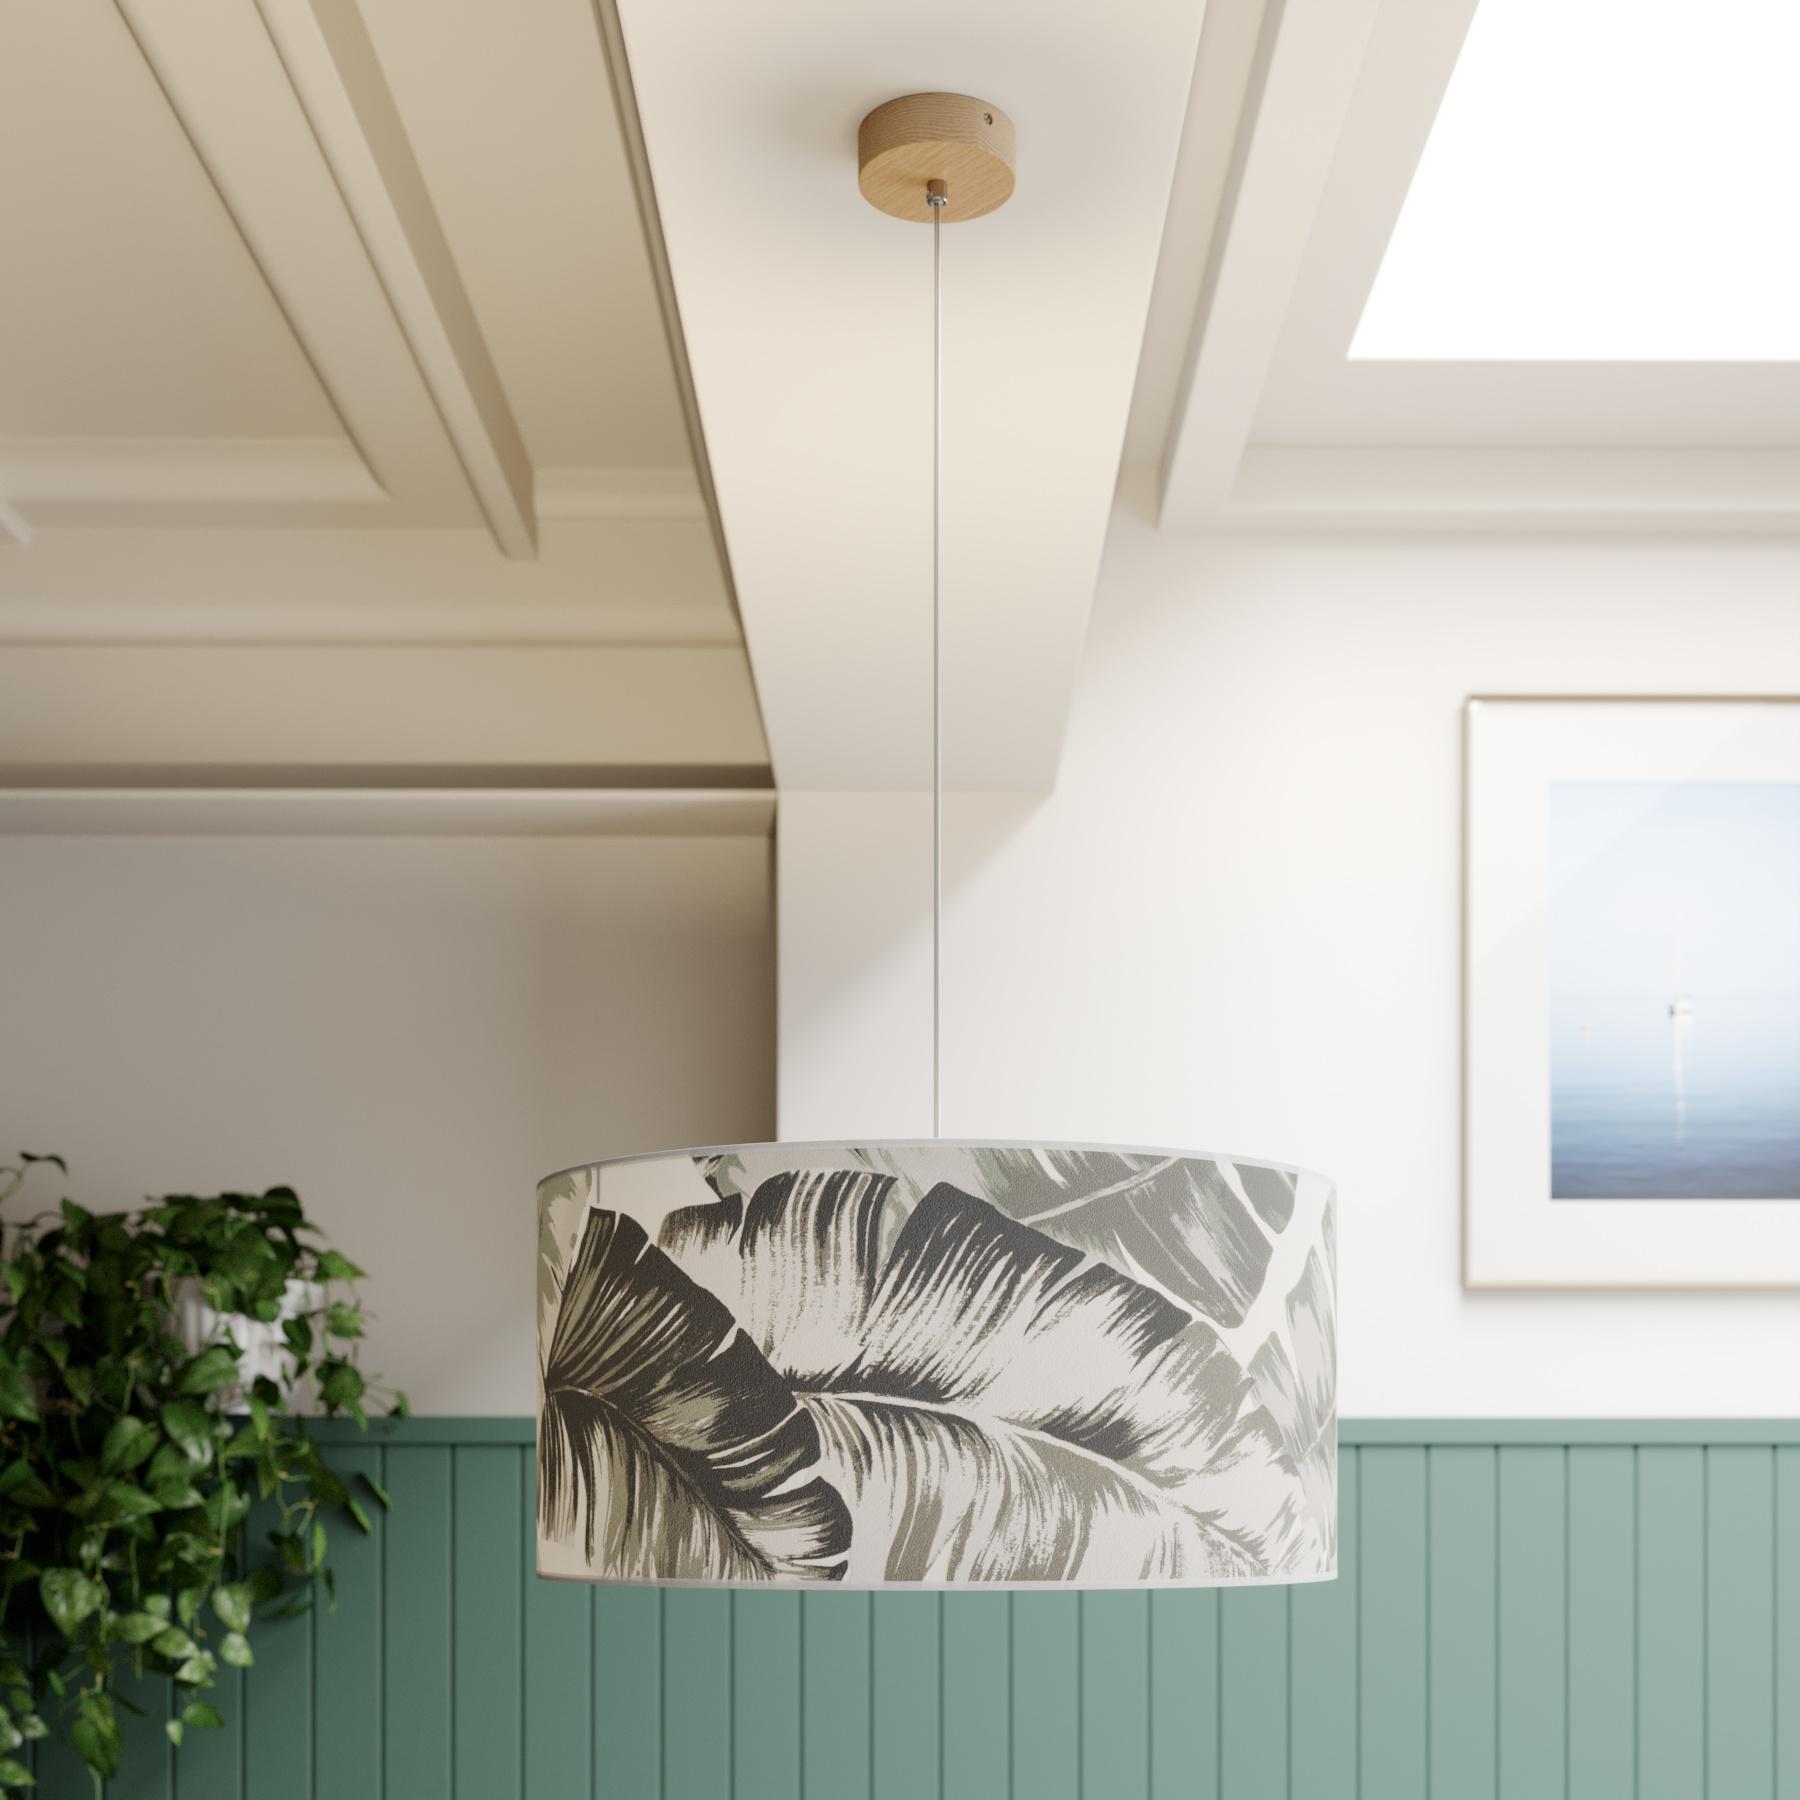 Hanglamp Madera, kap rond Ø 50 cm